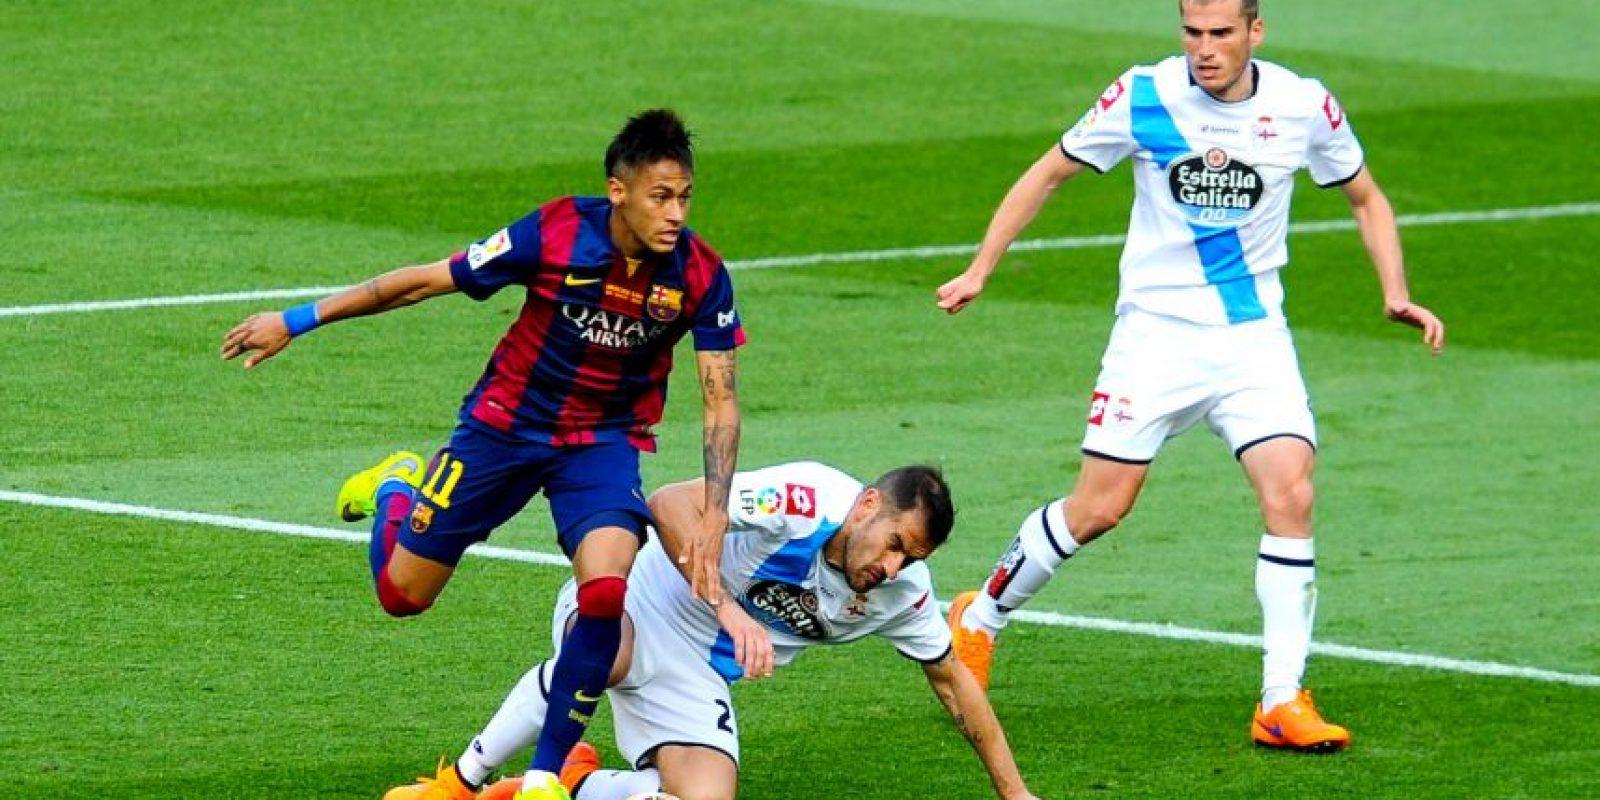 El partido terminó con un empate 2-2 entre ambos equipos. Foto:Getty Images